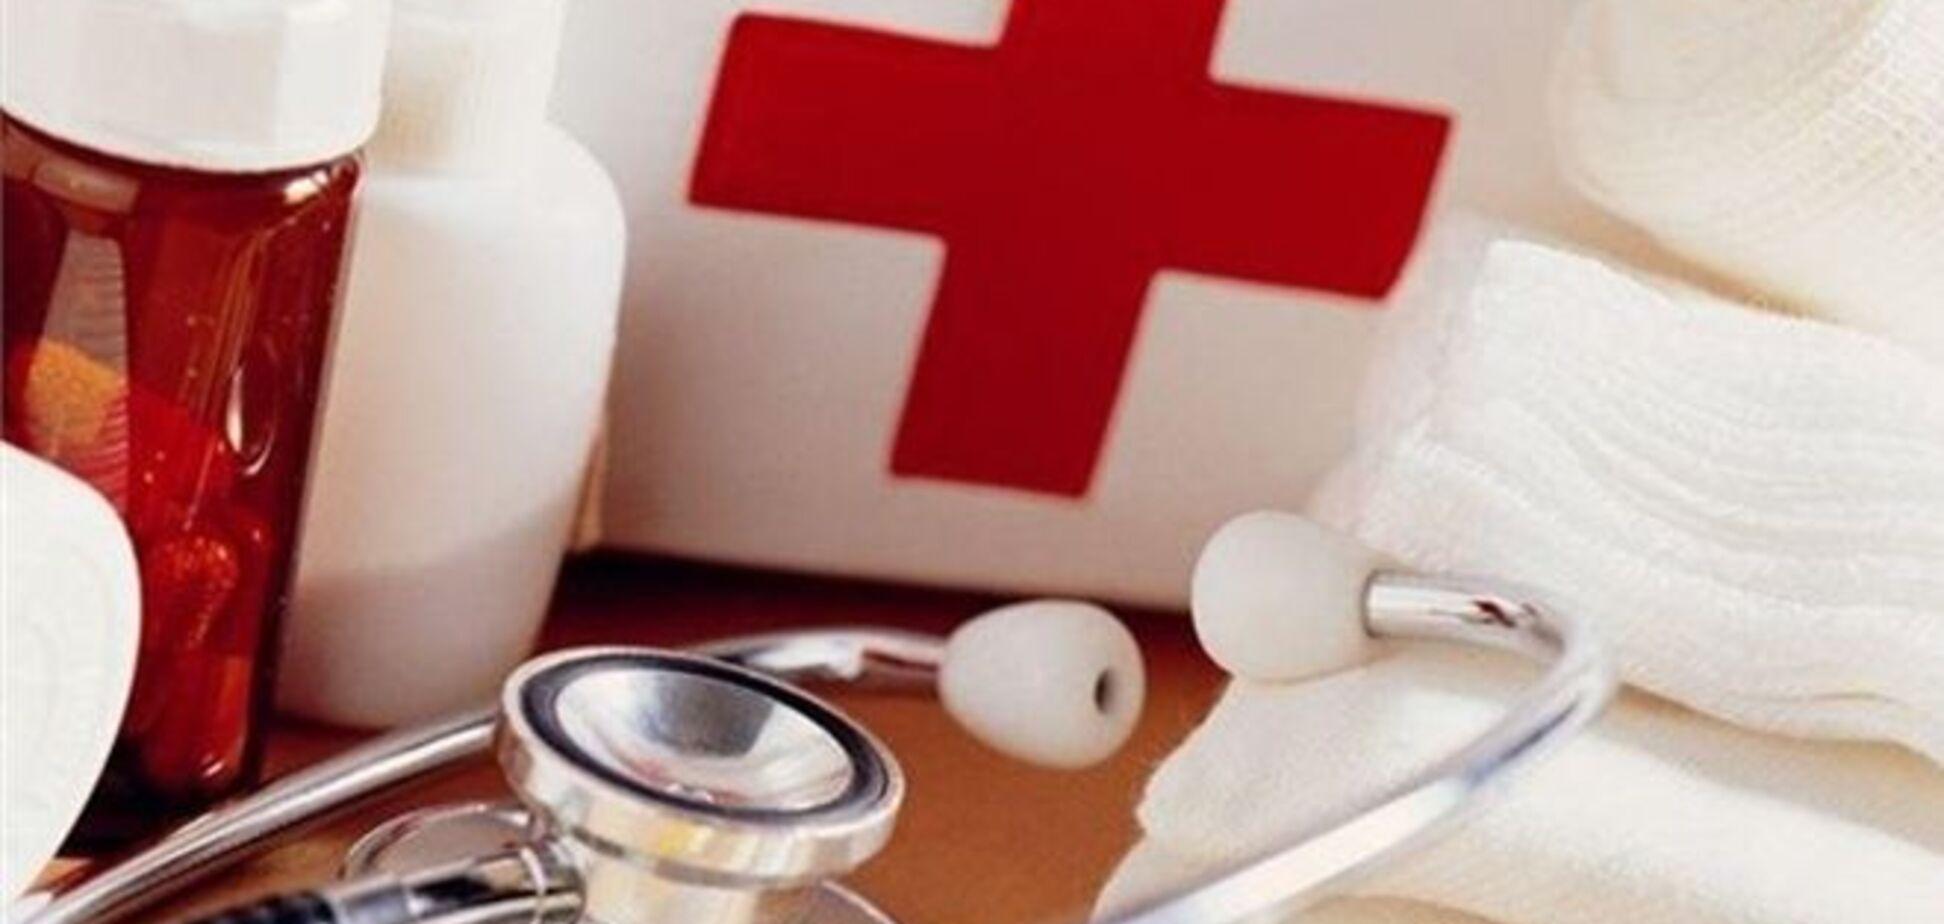 Масове отруєння на Вінниччині: госпіталізовано дітей